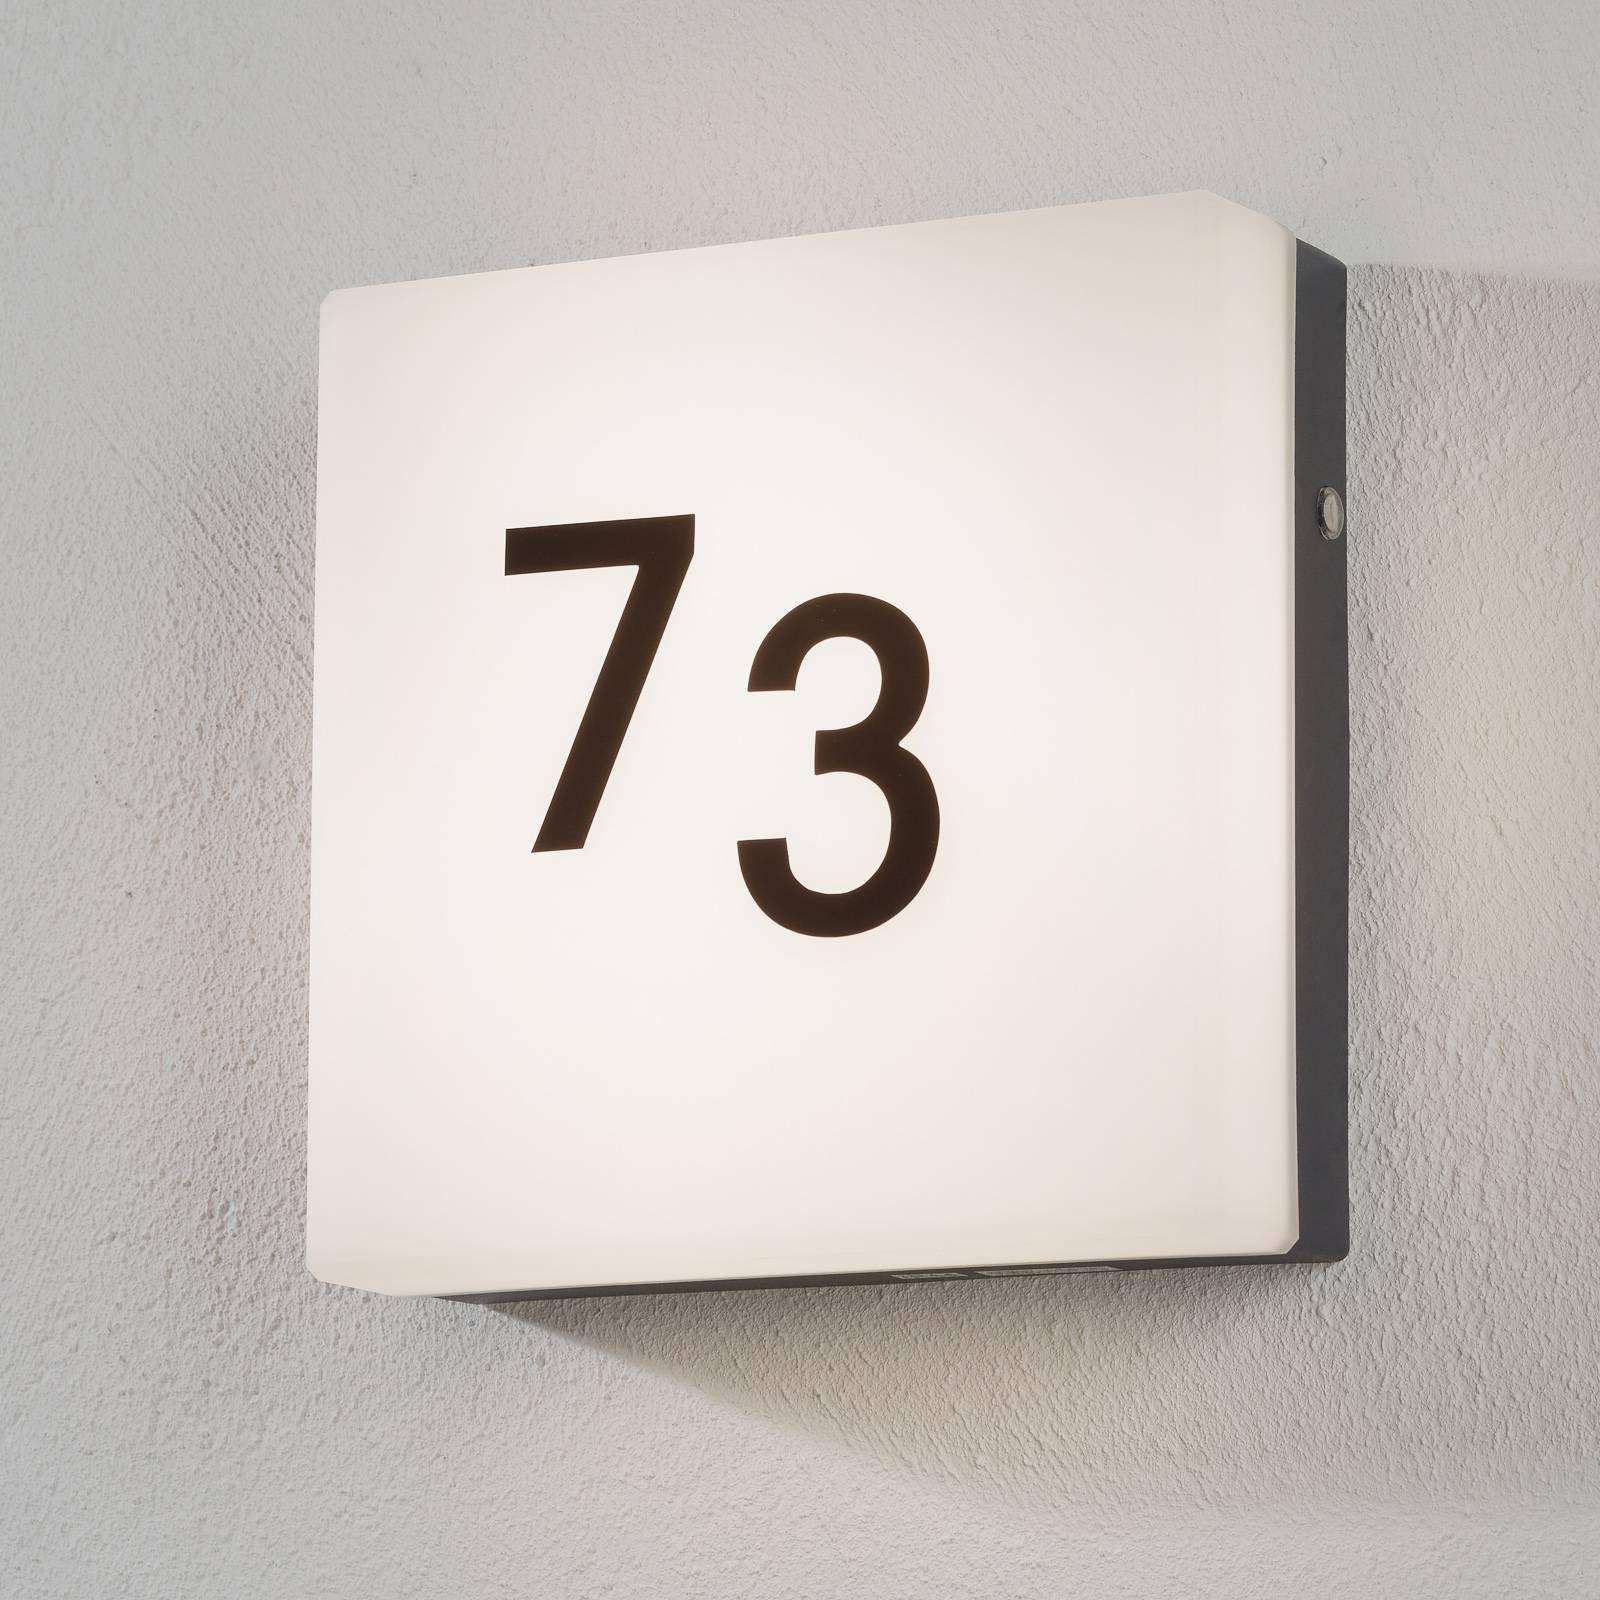 Tidløs LED-husnummerlampe Cornale med sensor